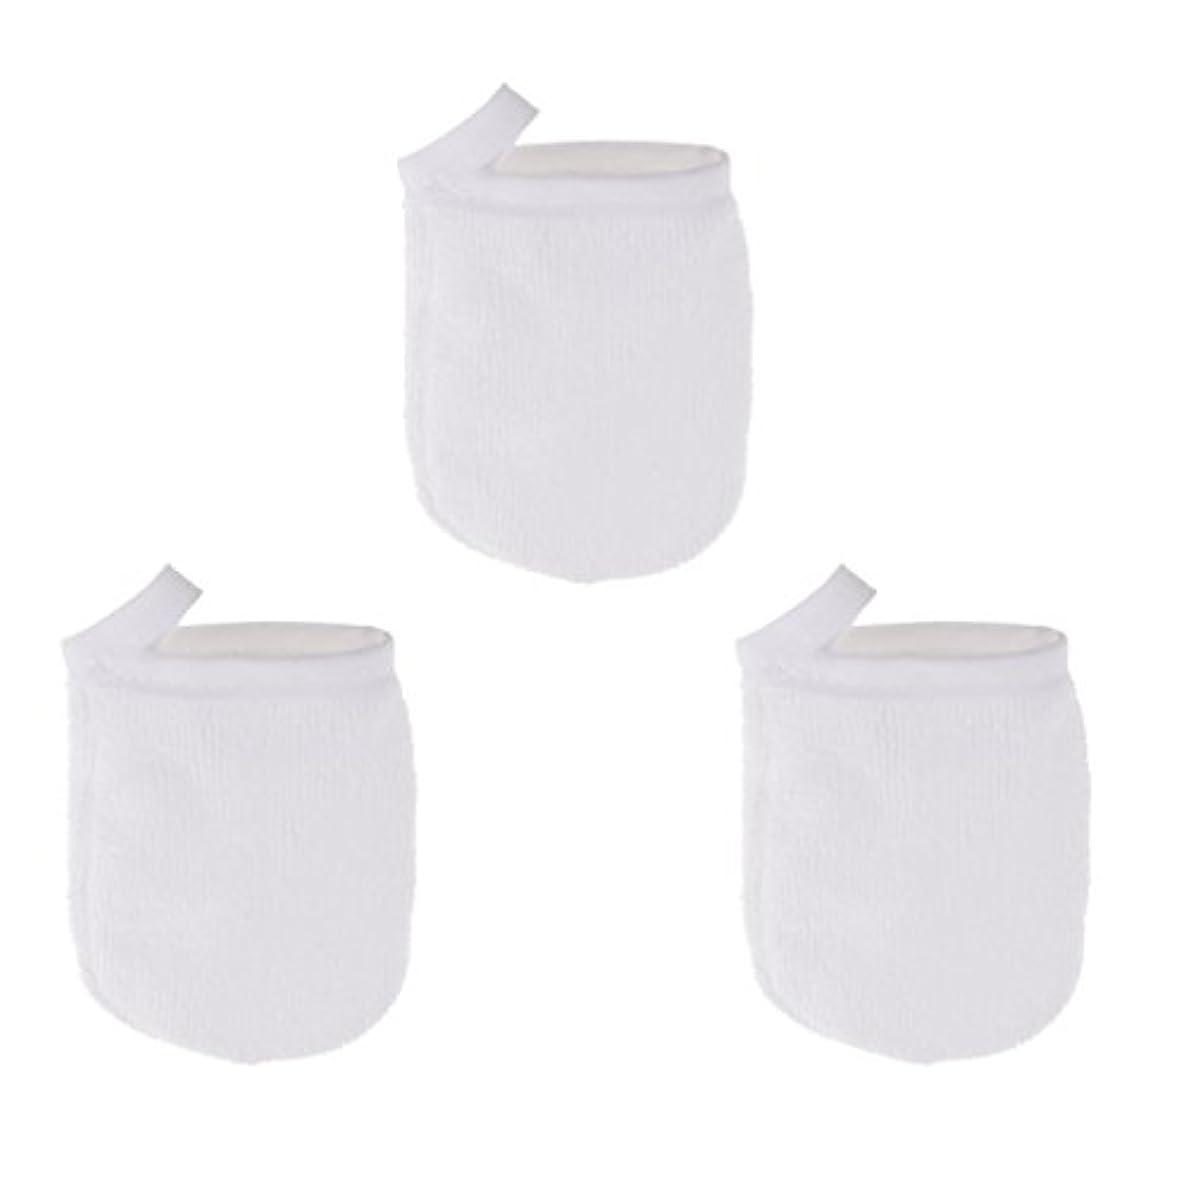 ポンド家畜乏しいCUTICATE ソフト フェイスクレンジンググローブ メイクリムーバー クロスパッド 3個 洗顔グローブ 手袋